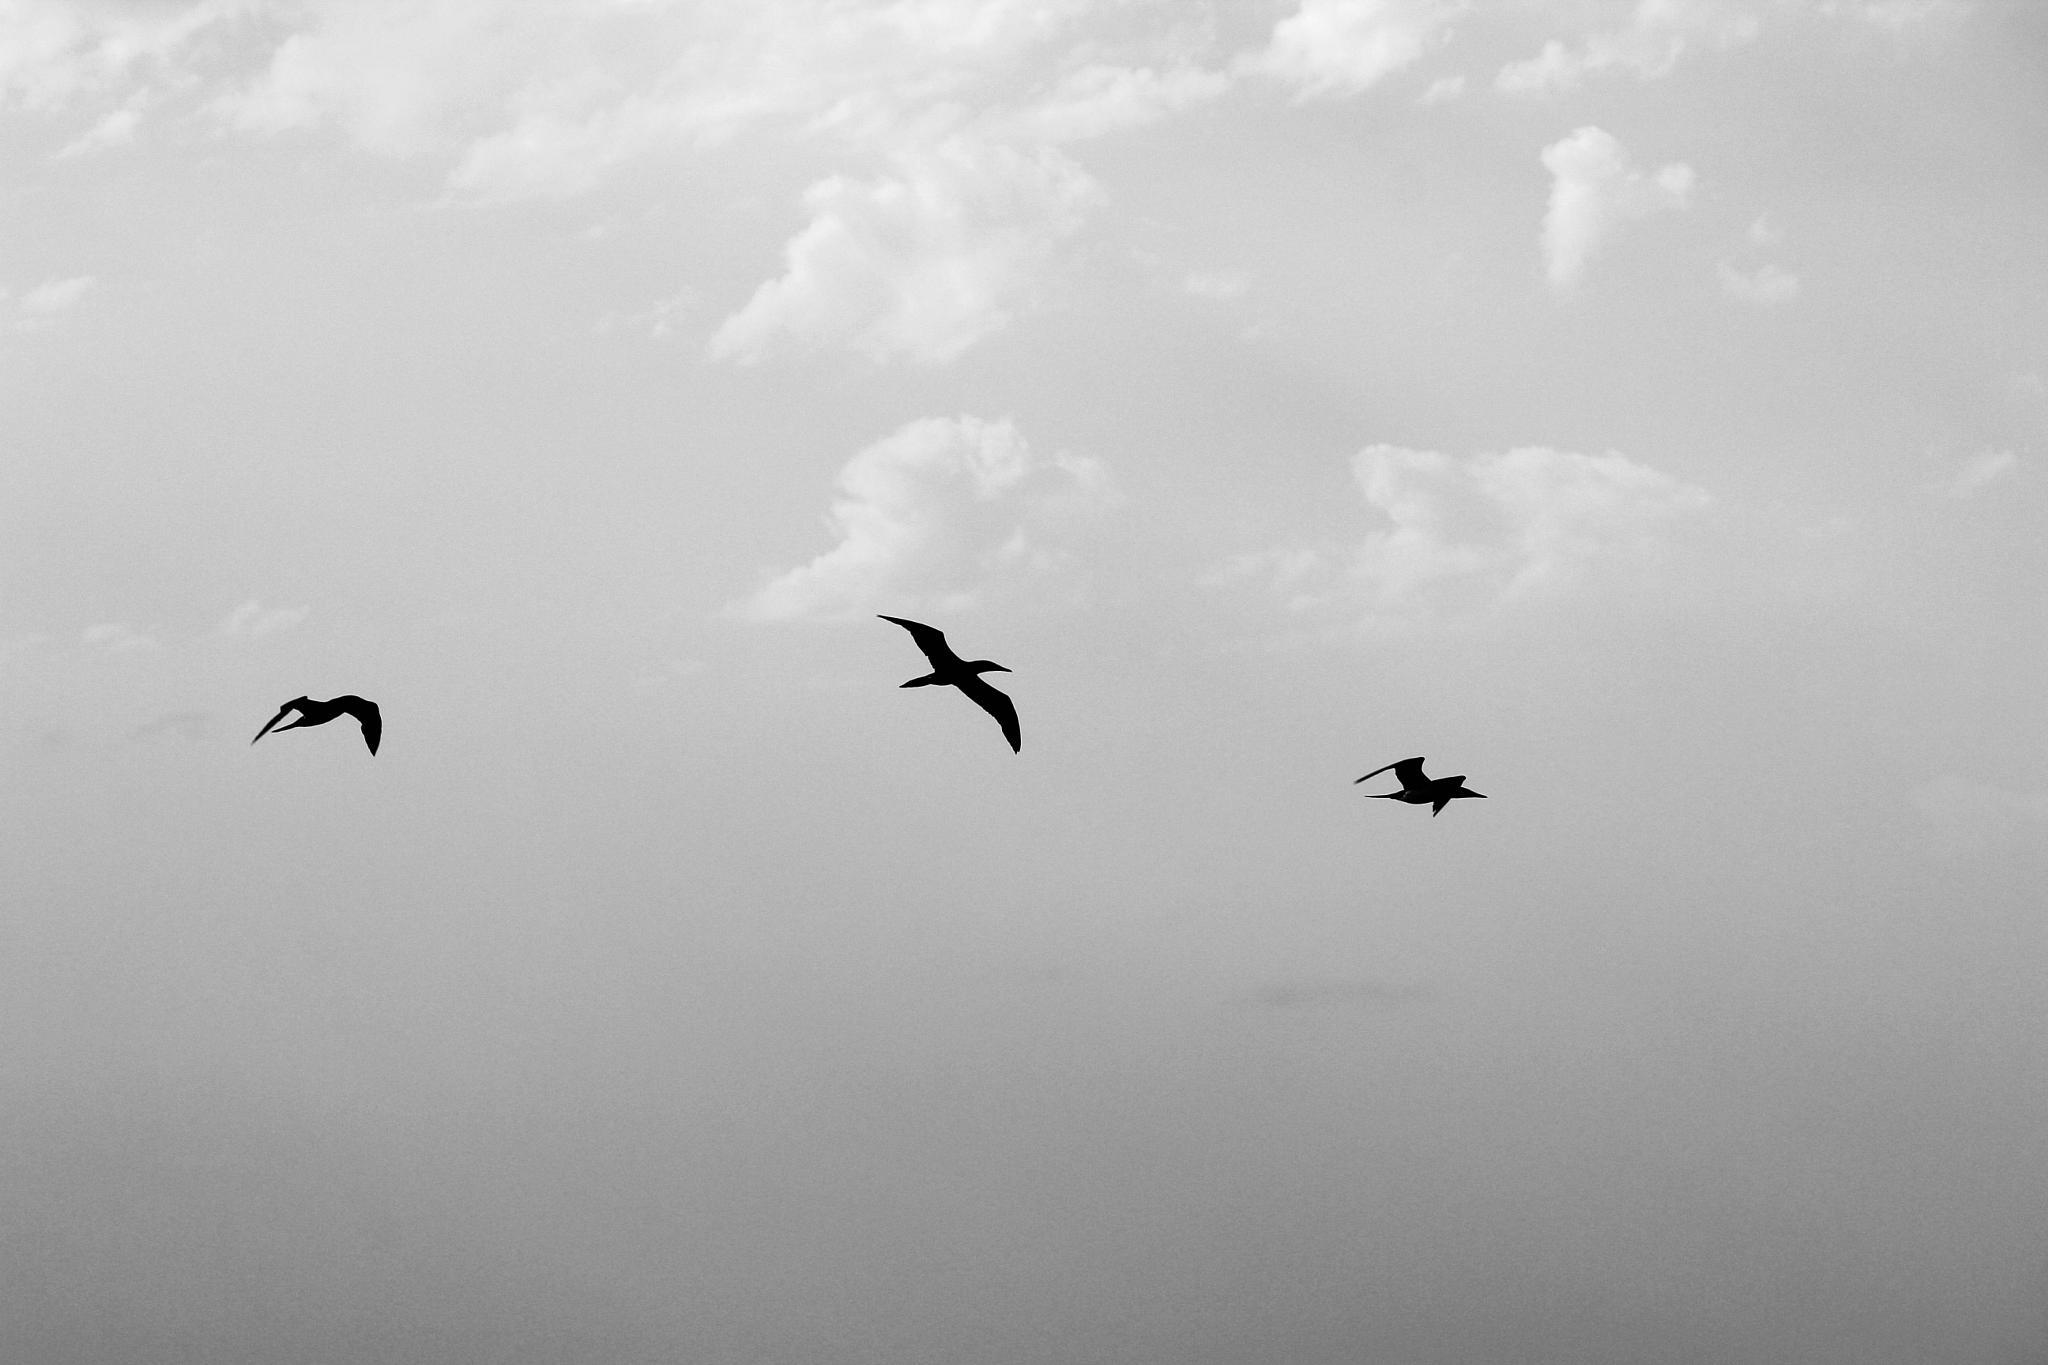 Black birds by pernillamia